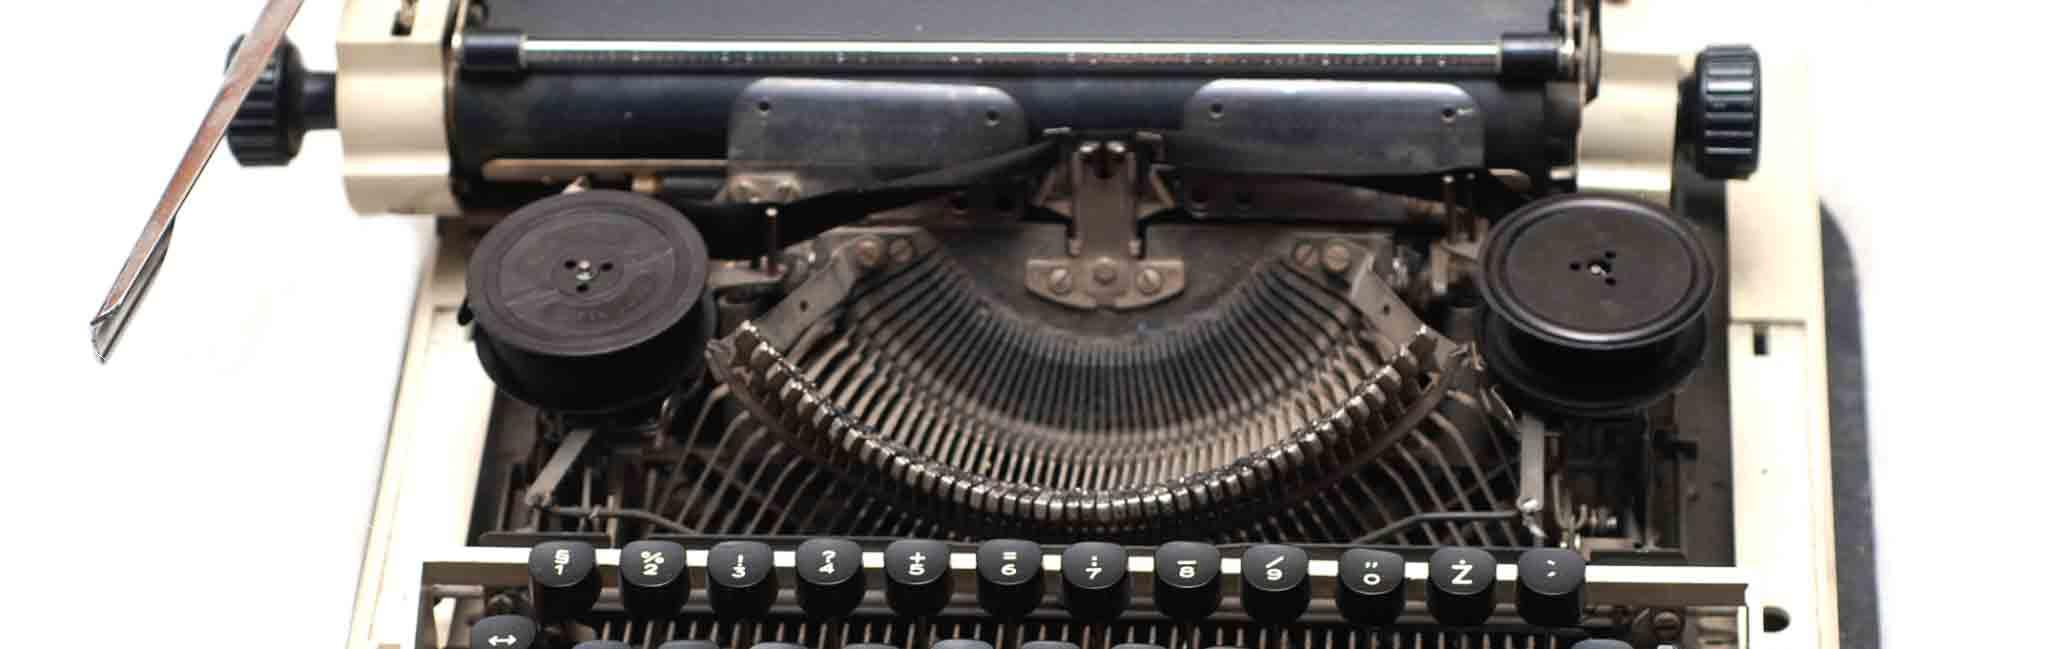 typewriter-v3